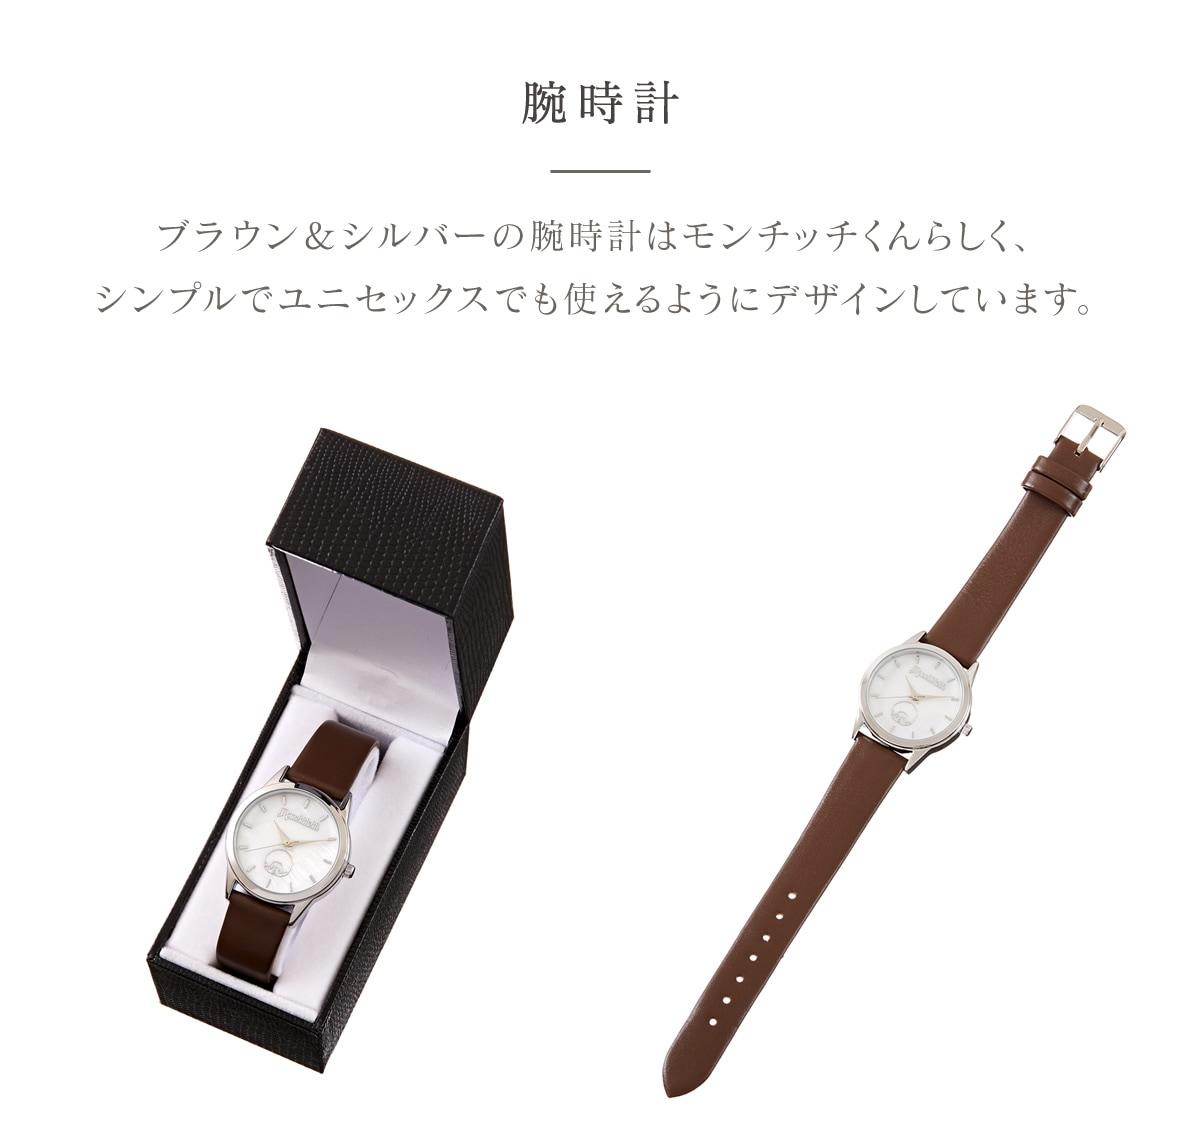 ブラウン&シルバーの腕時計はモンチッチくんらしく、シンプルでユニセックスでも使えるようにデザインしています。